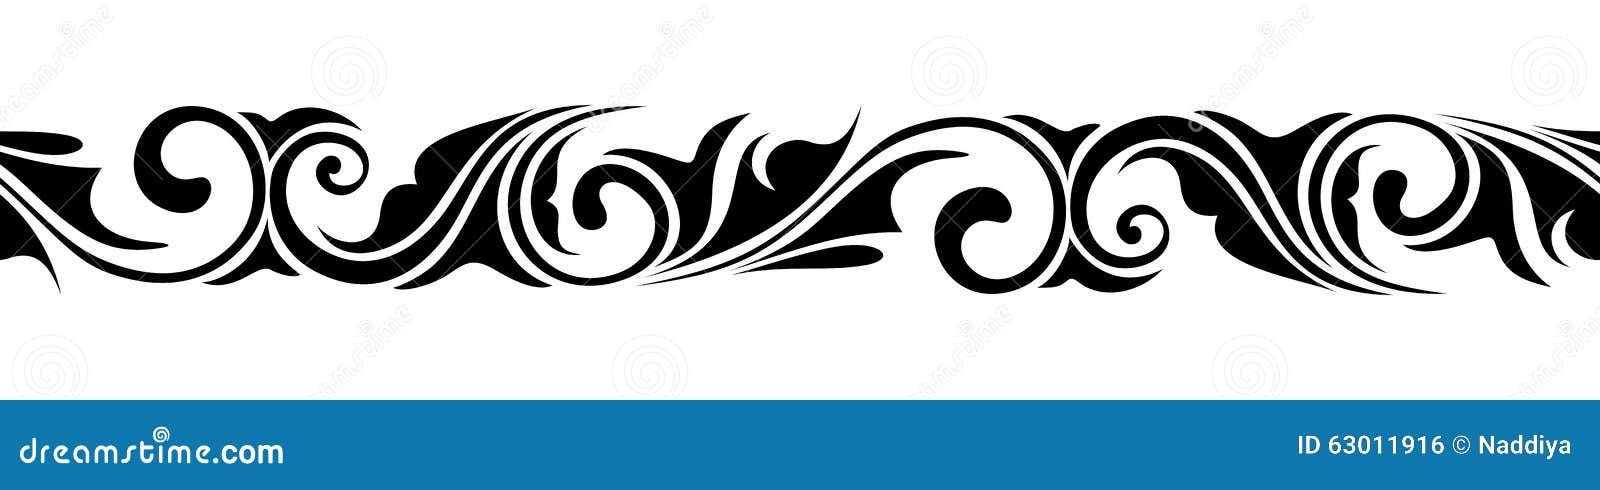 Vignette sans couture horizontale calligraphique Illustration de vecteur